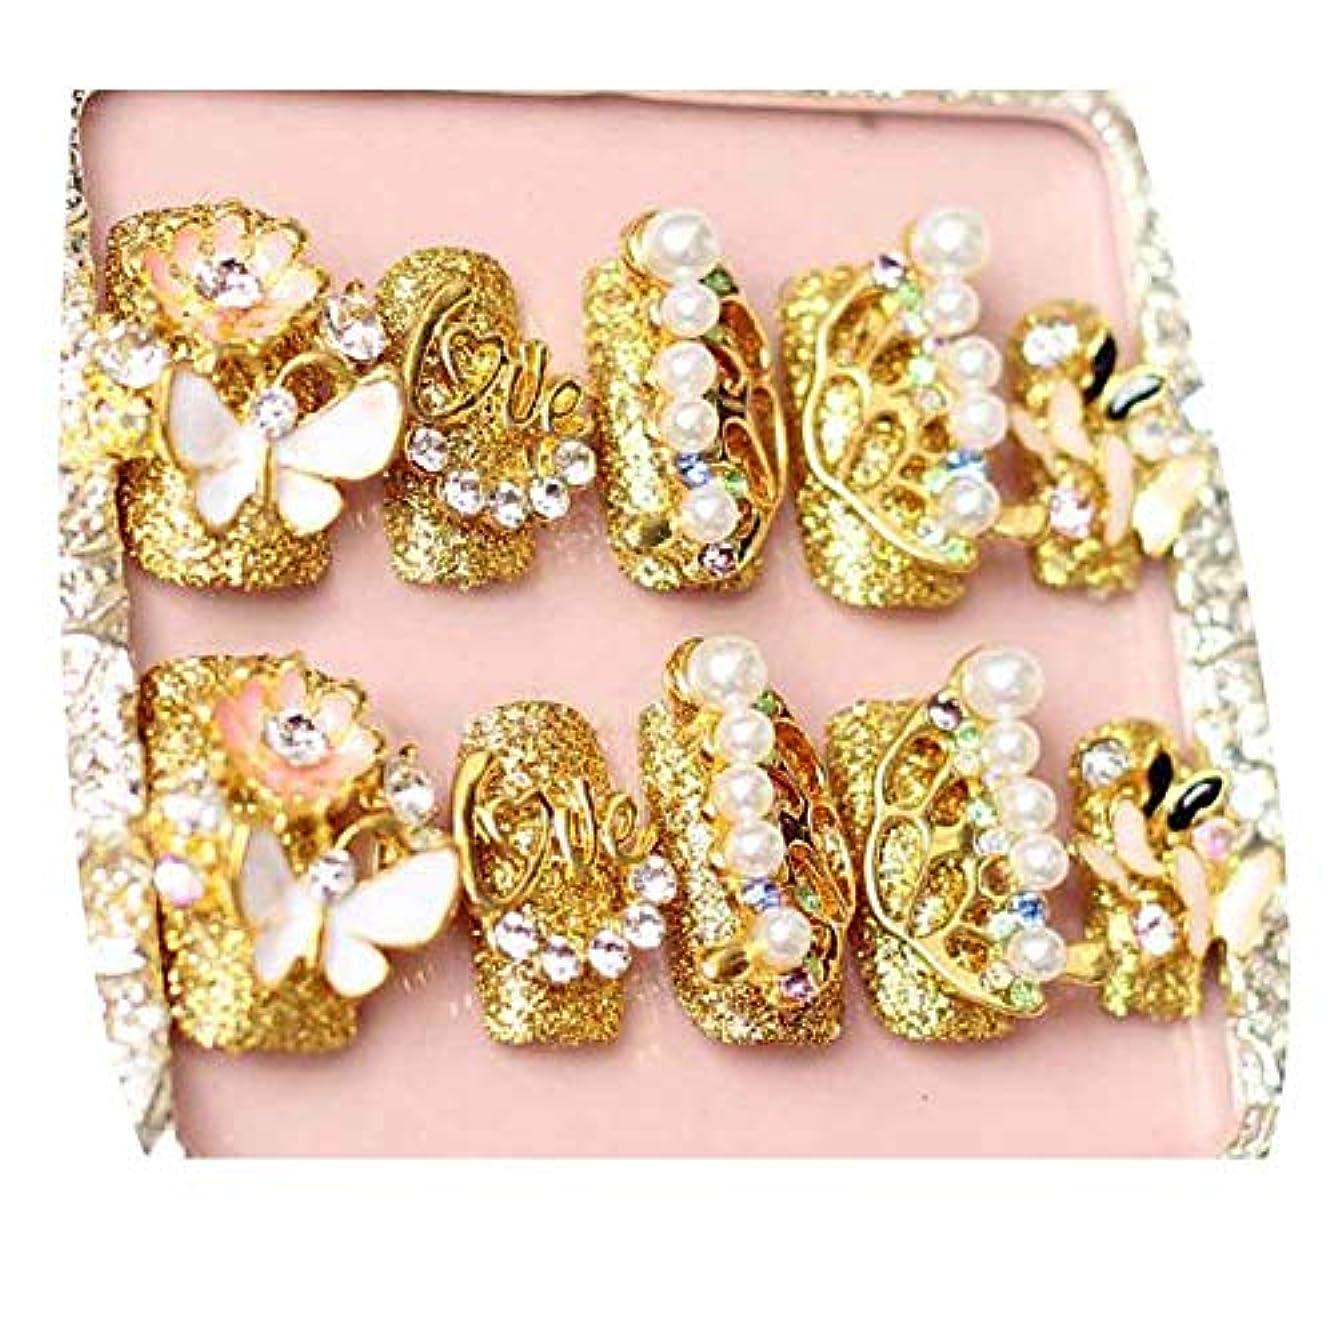 取り替えるキャンセルバック蝶 - ゴールドカラー偽爪結婚式人工爪のヒントビーズネイルアート